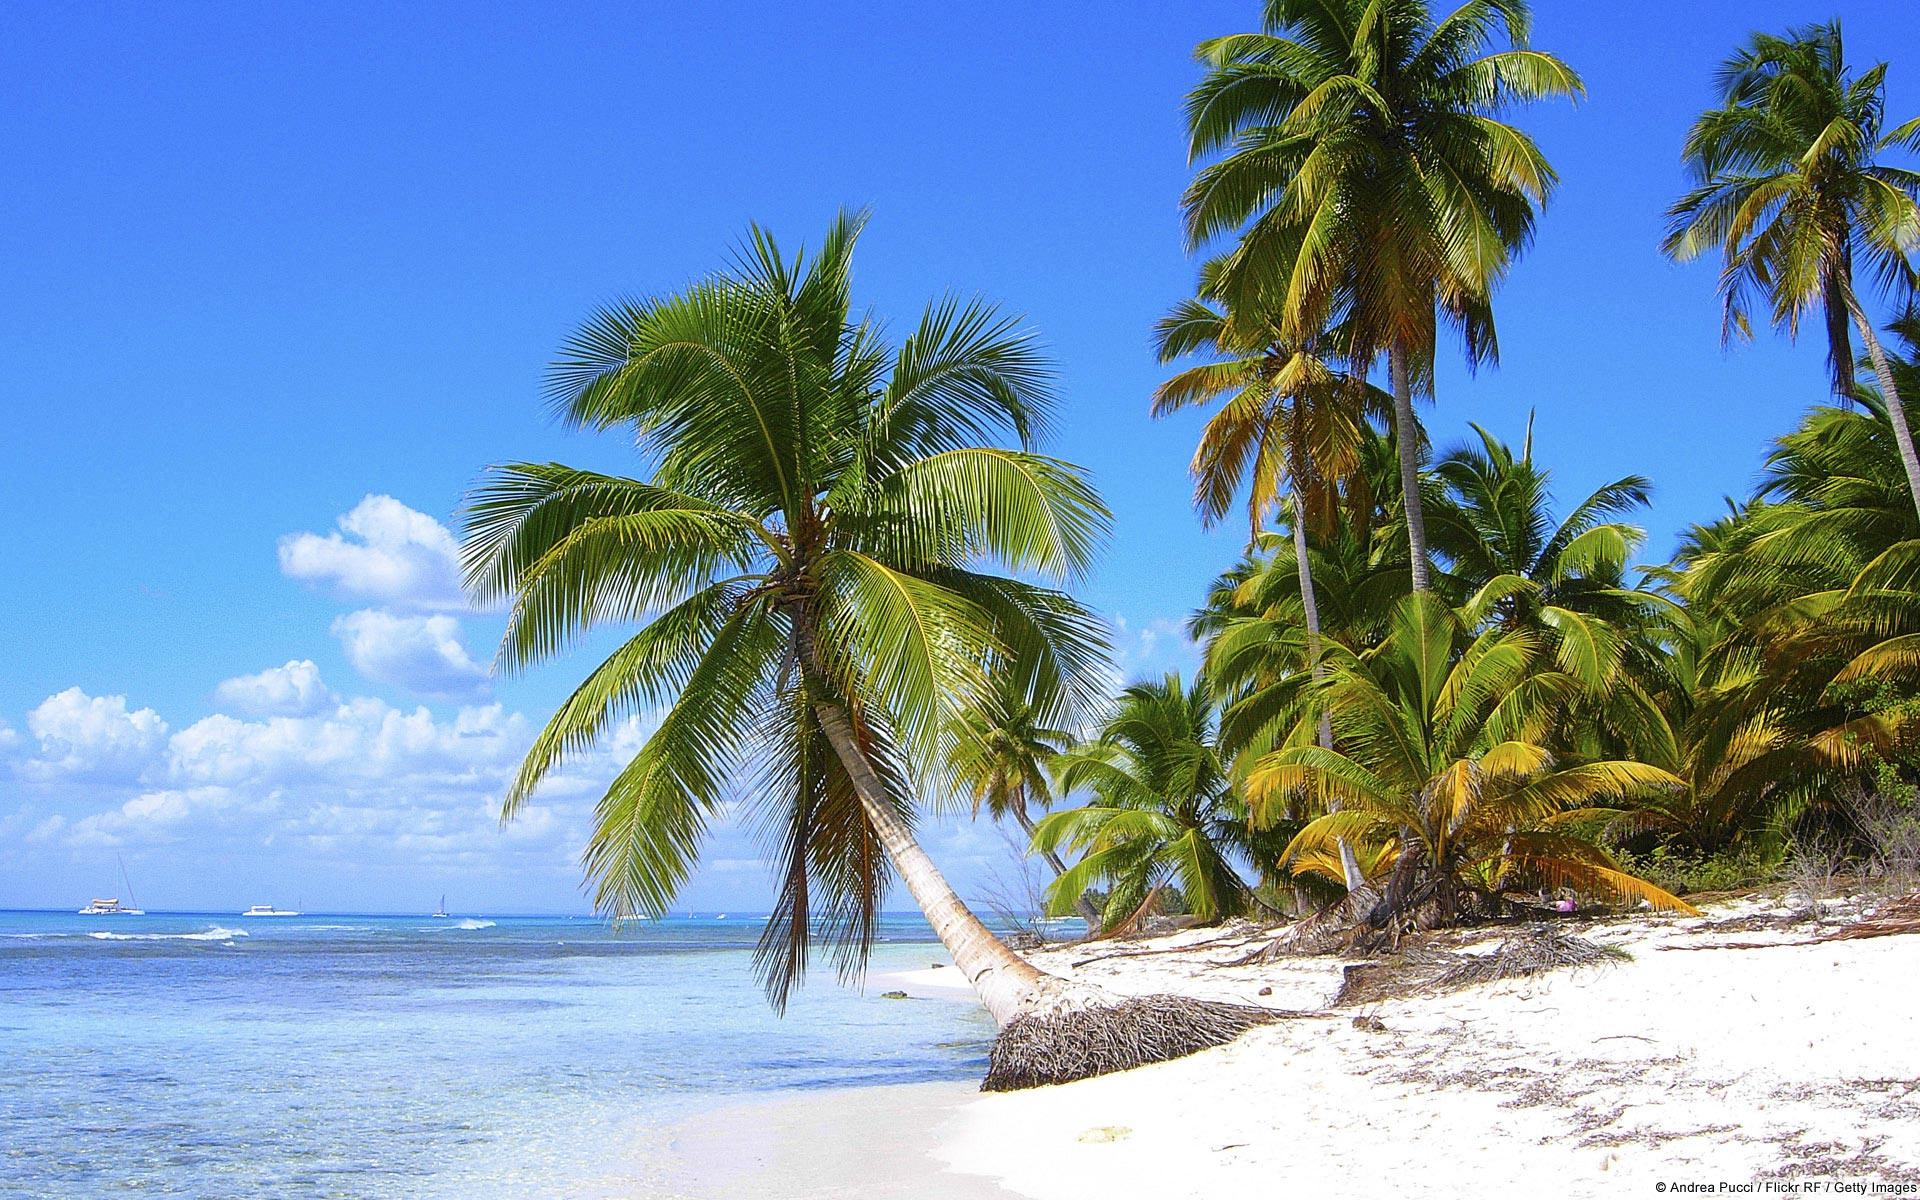 Site de rencontre gratuit en republique dominicaine